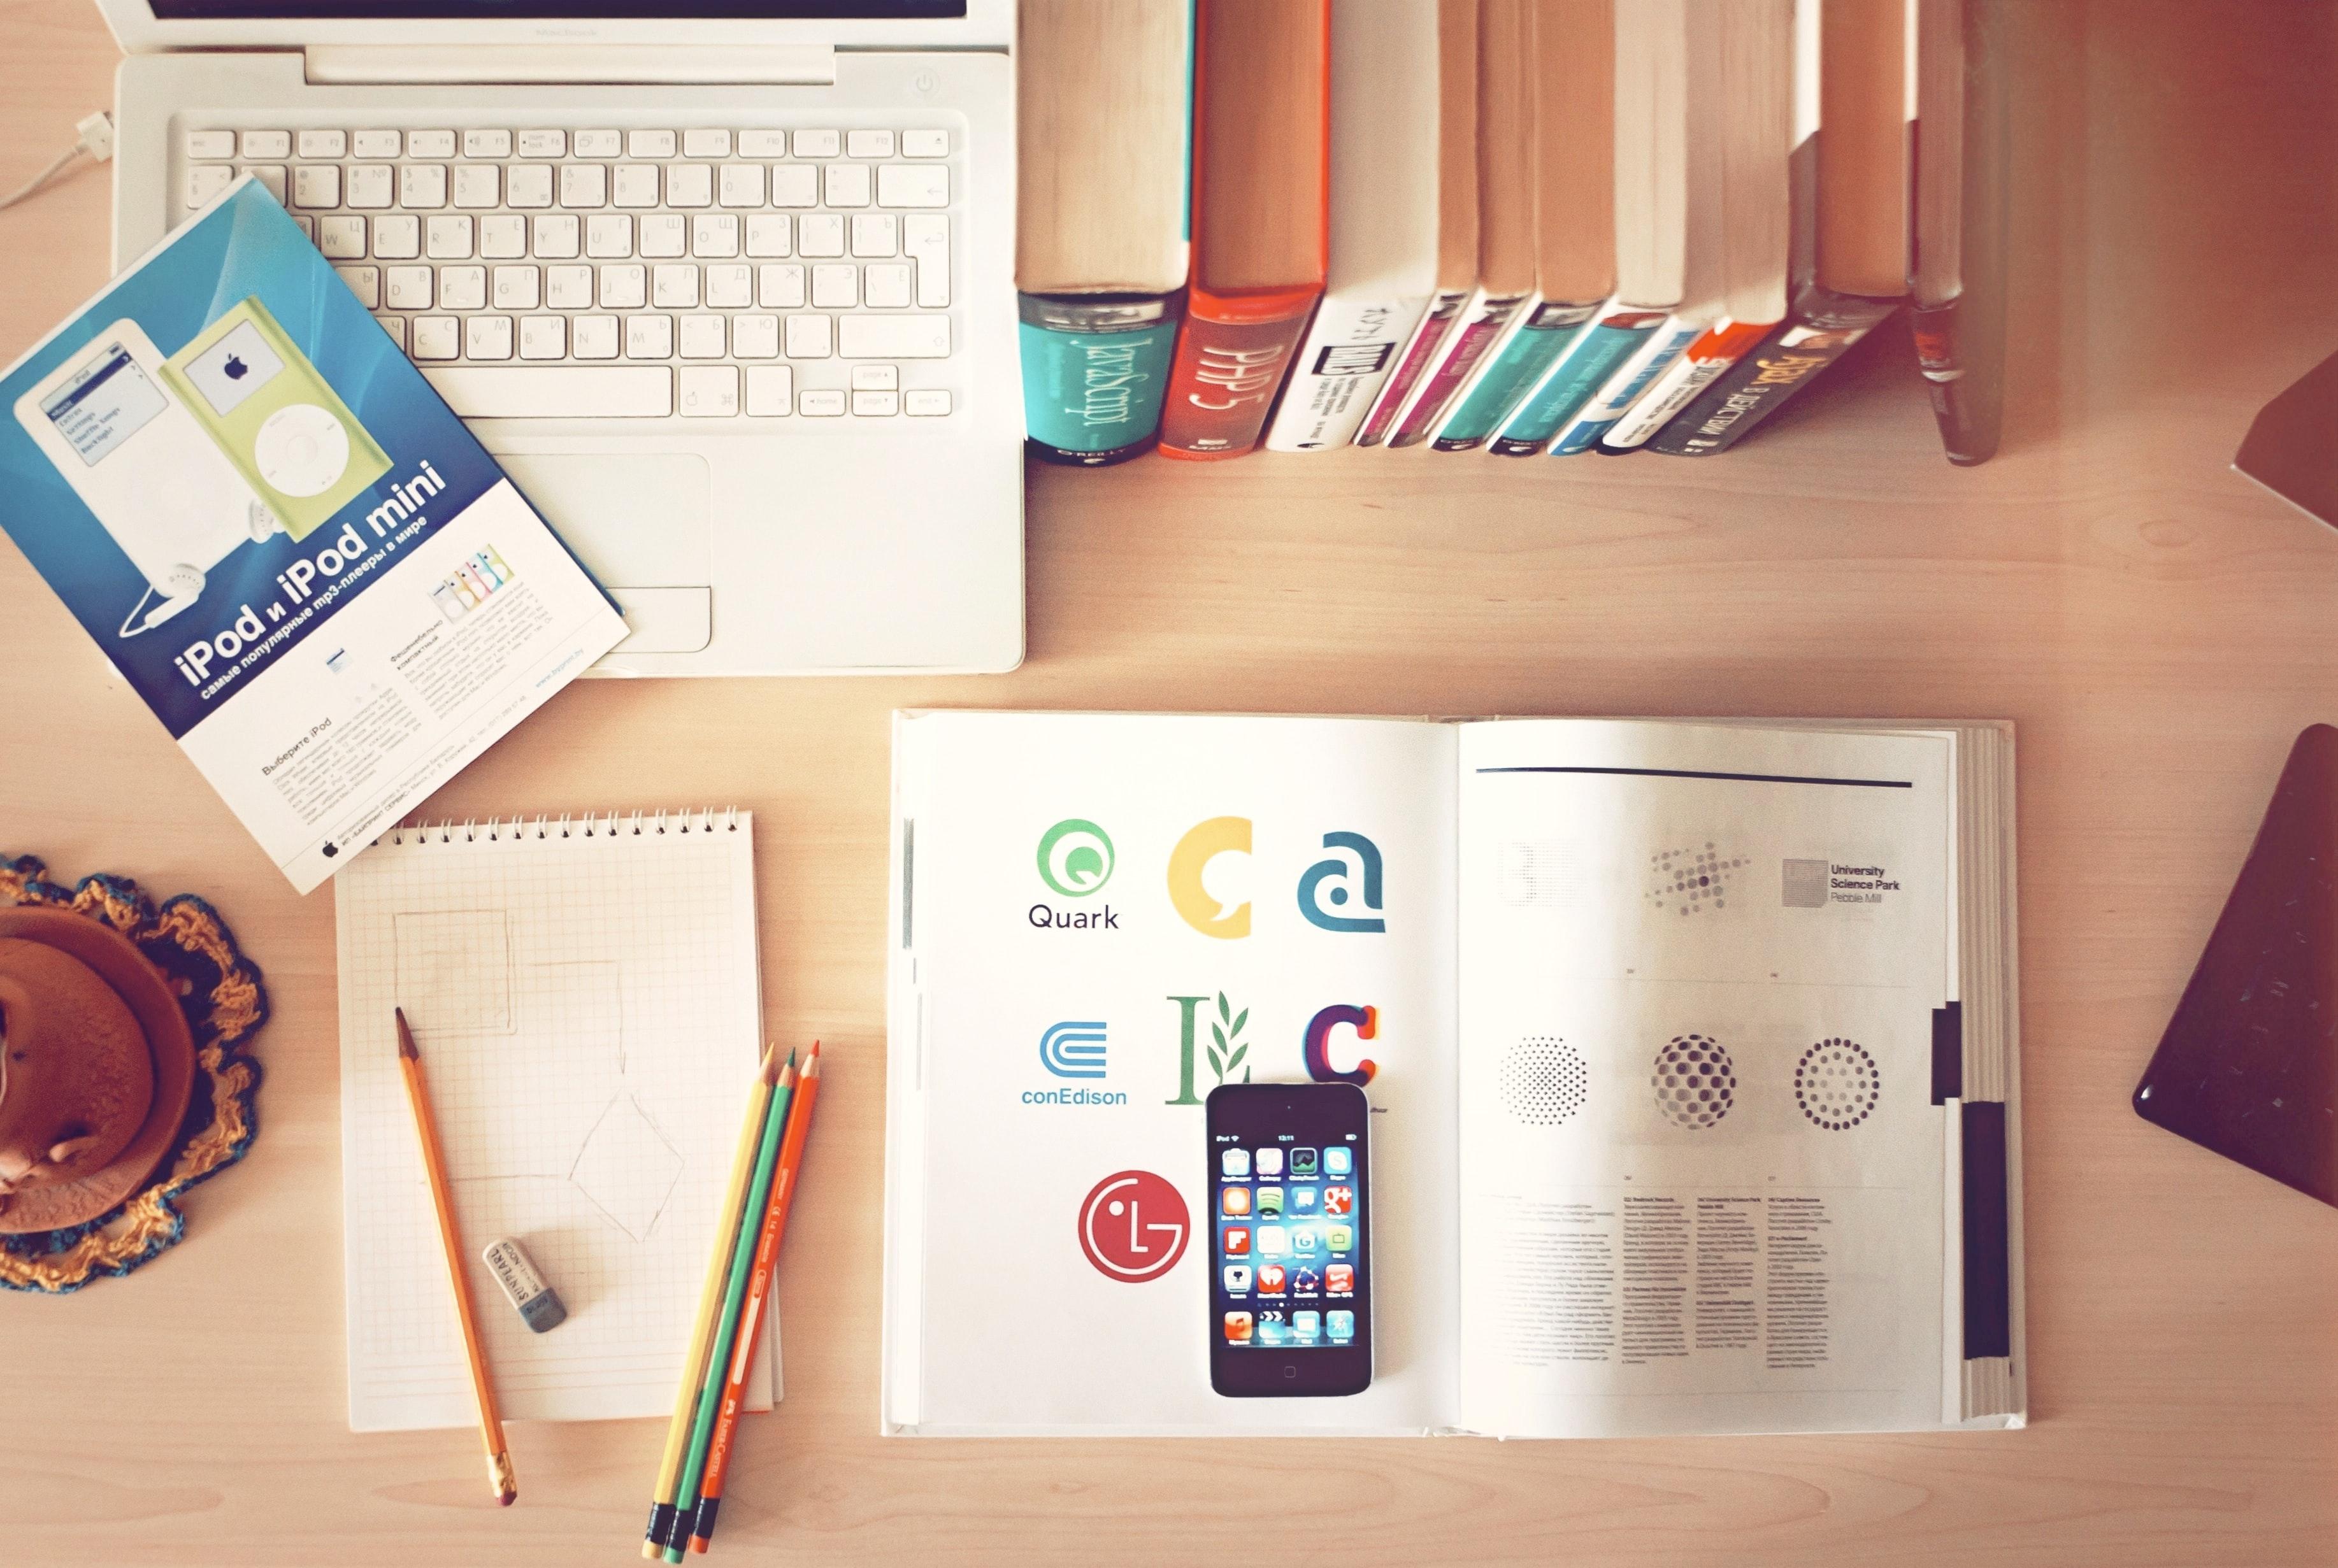 Come creare un logo aziendale di successo: regole e consigli